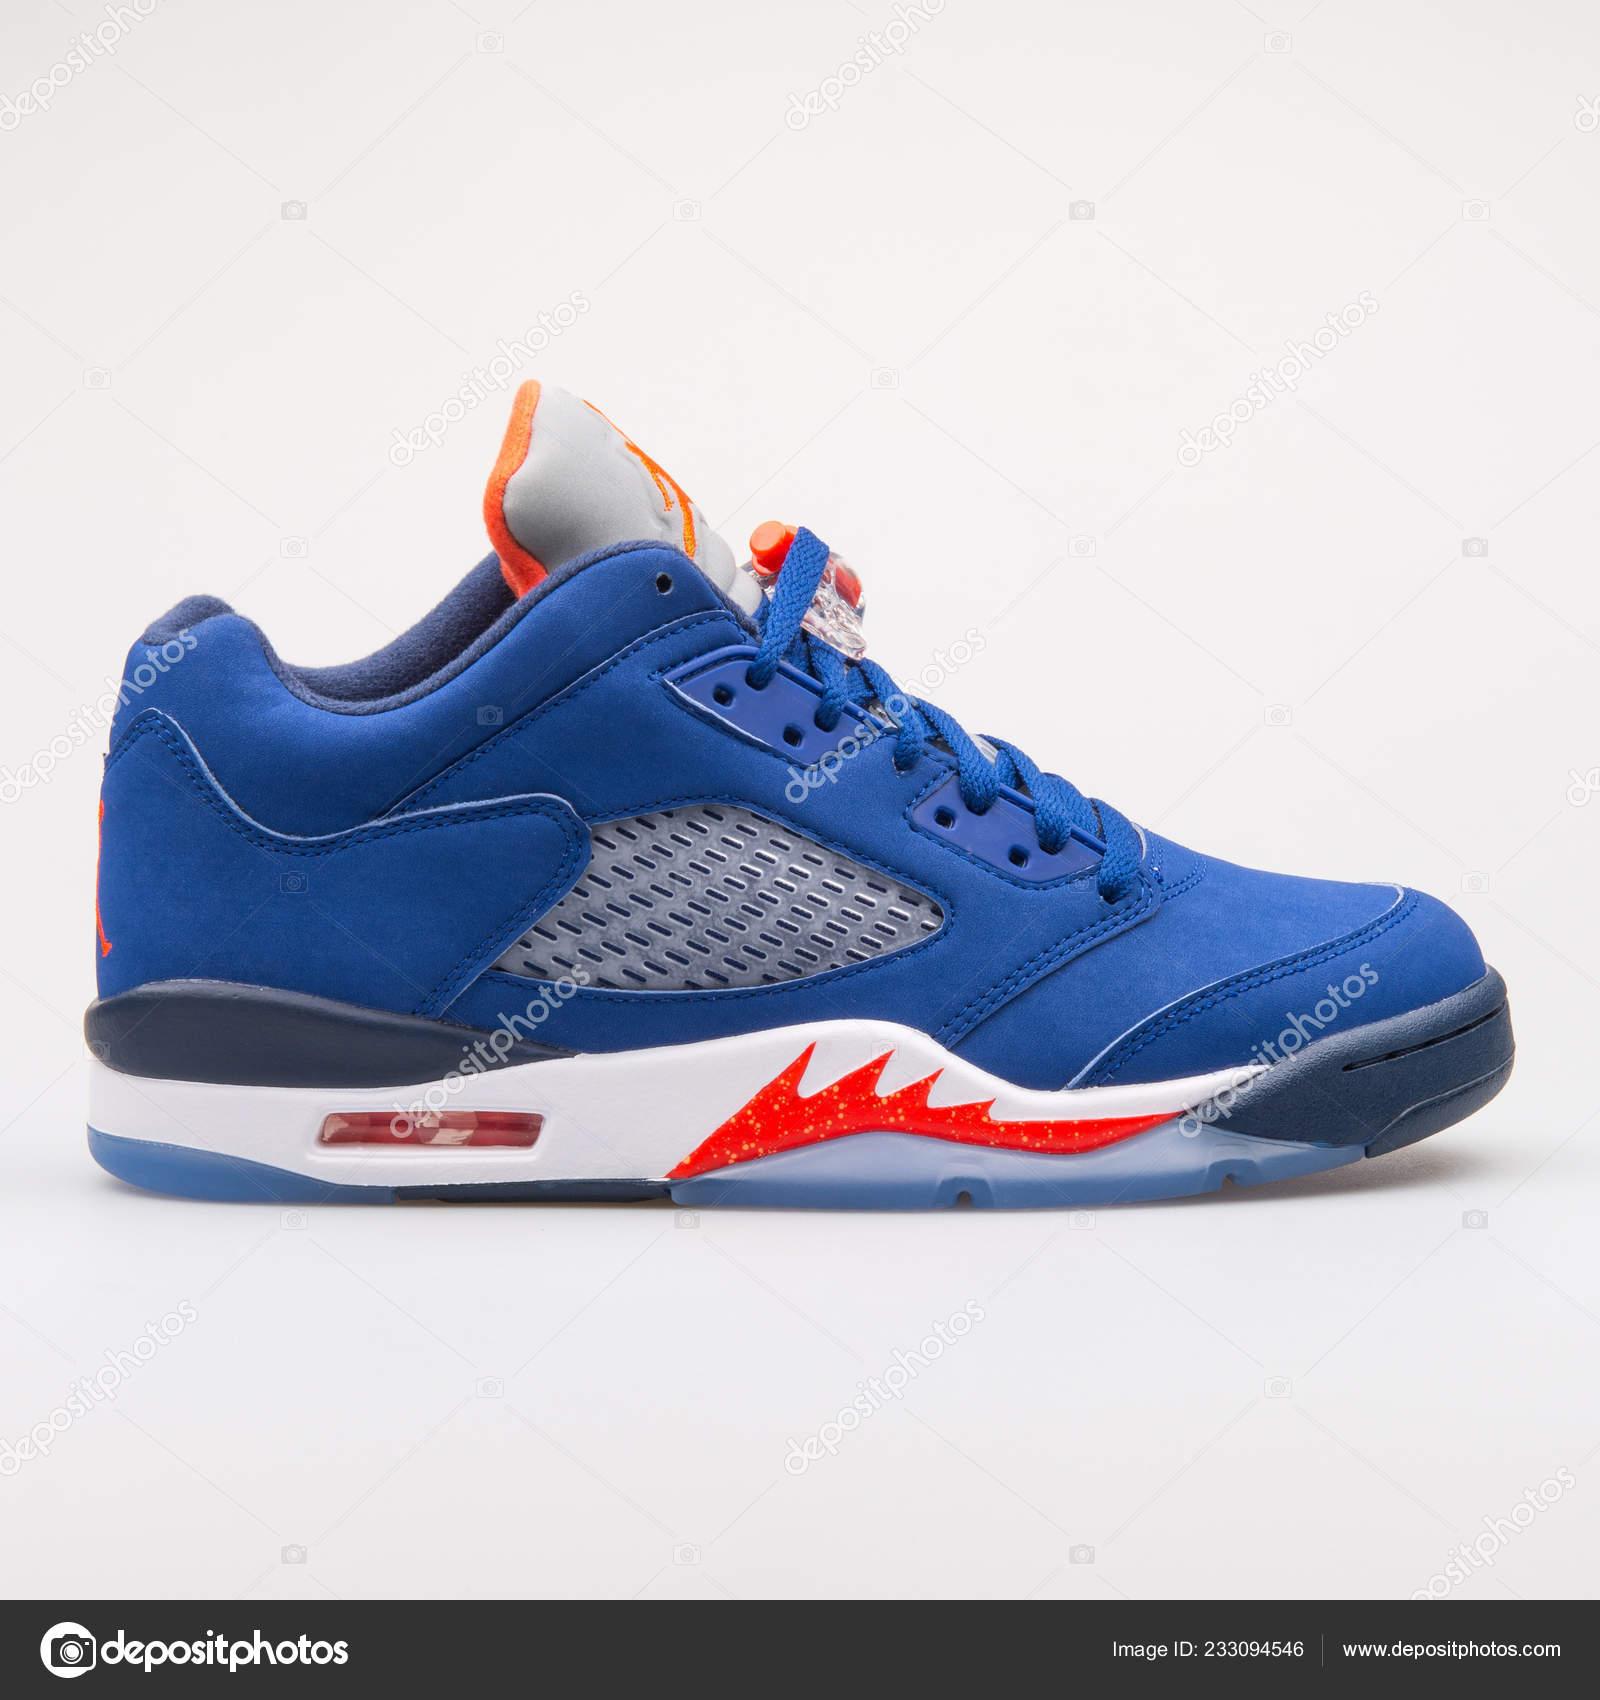 timeless design e7d09 b67b1 Wien, Österreich - 14. Juni 2017  Nike Air Jordan 5 Retro Low Knicks blaue  Sneaker auf grauem Hintergrund isoliert — Foto von xMarshallfilms